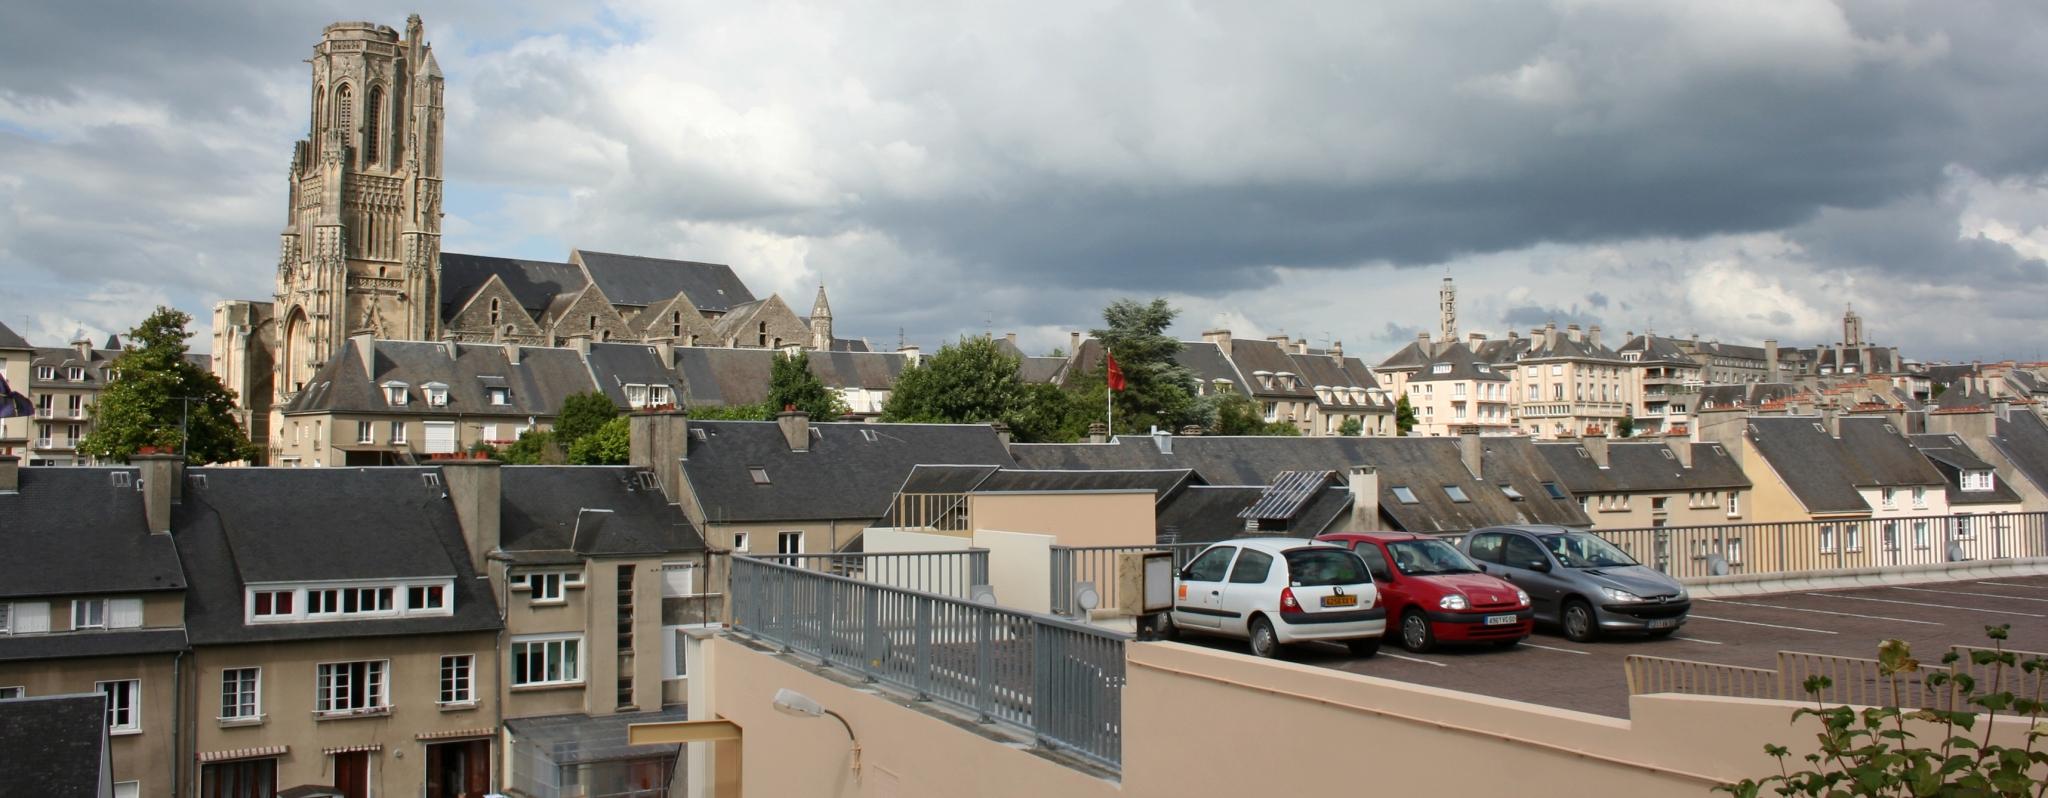 Saint-Lo France  city pictures gallery : Églises et beffroi saint lo france Wikimedia Commons